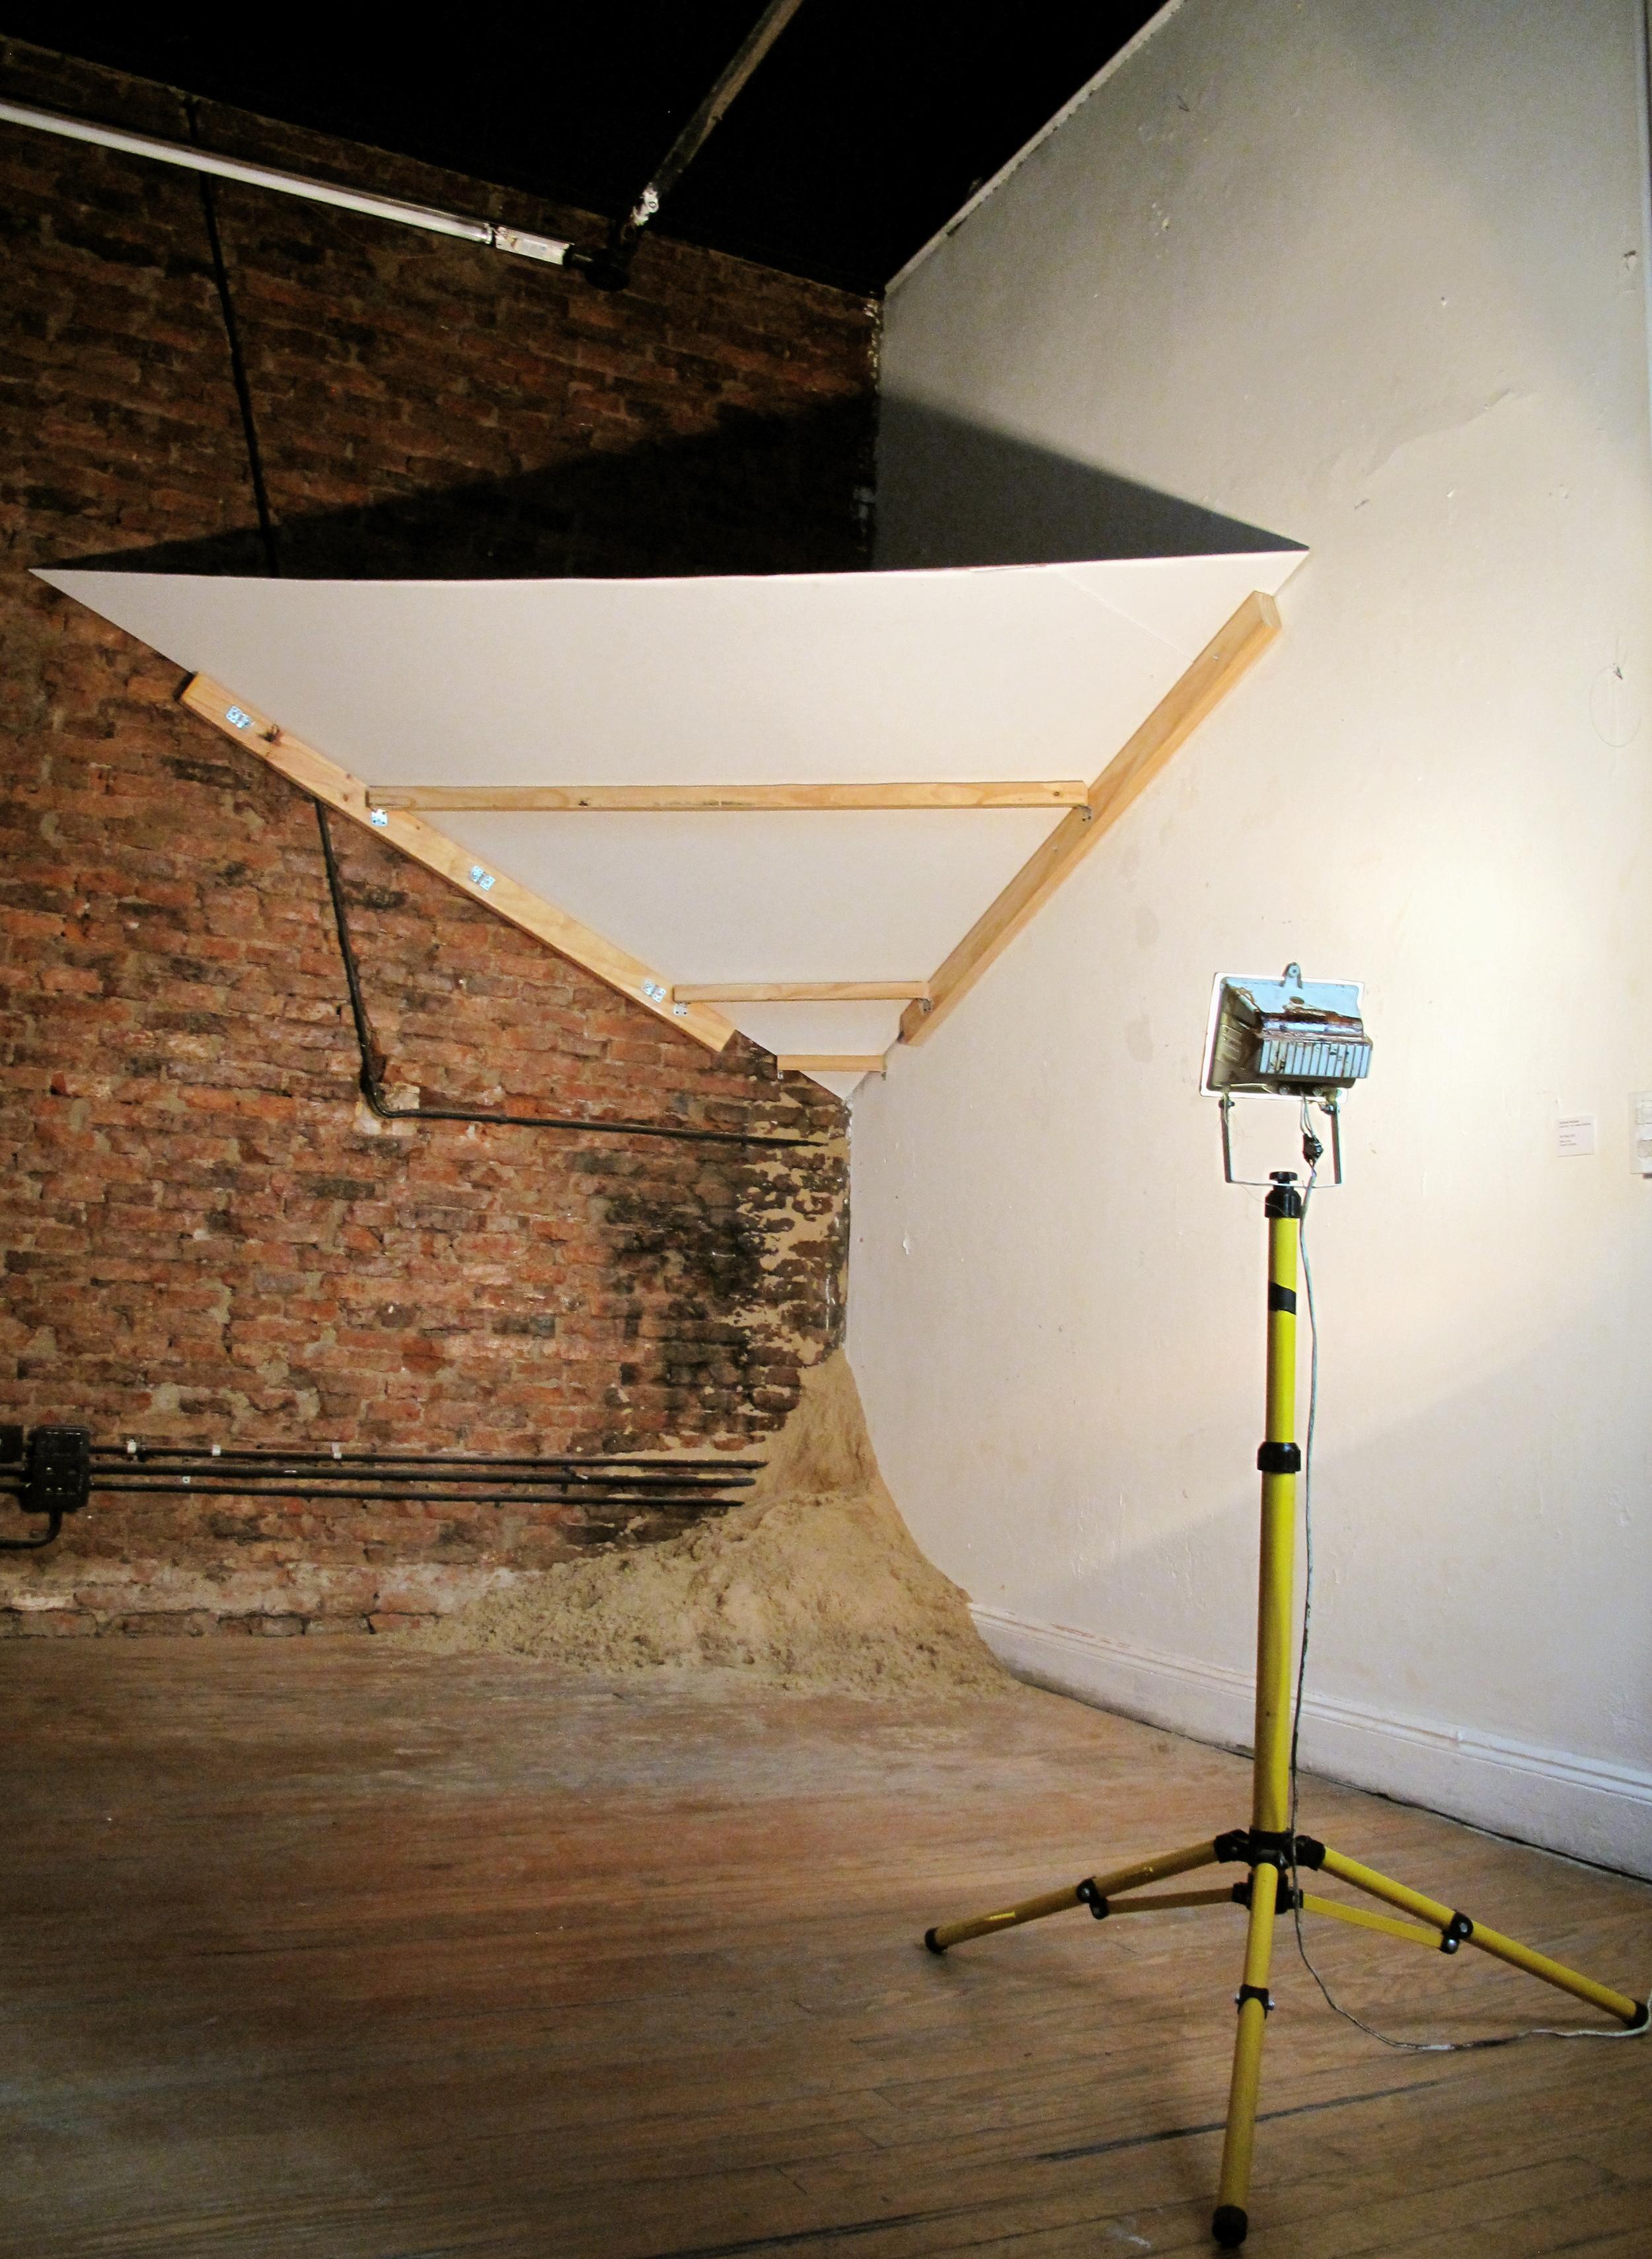 Studio La Rosa Palermo sin futuro — guillermo rodriguez